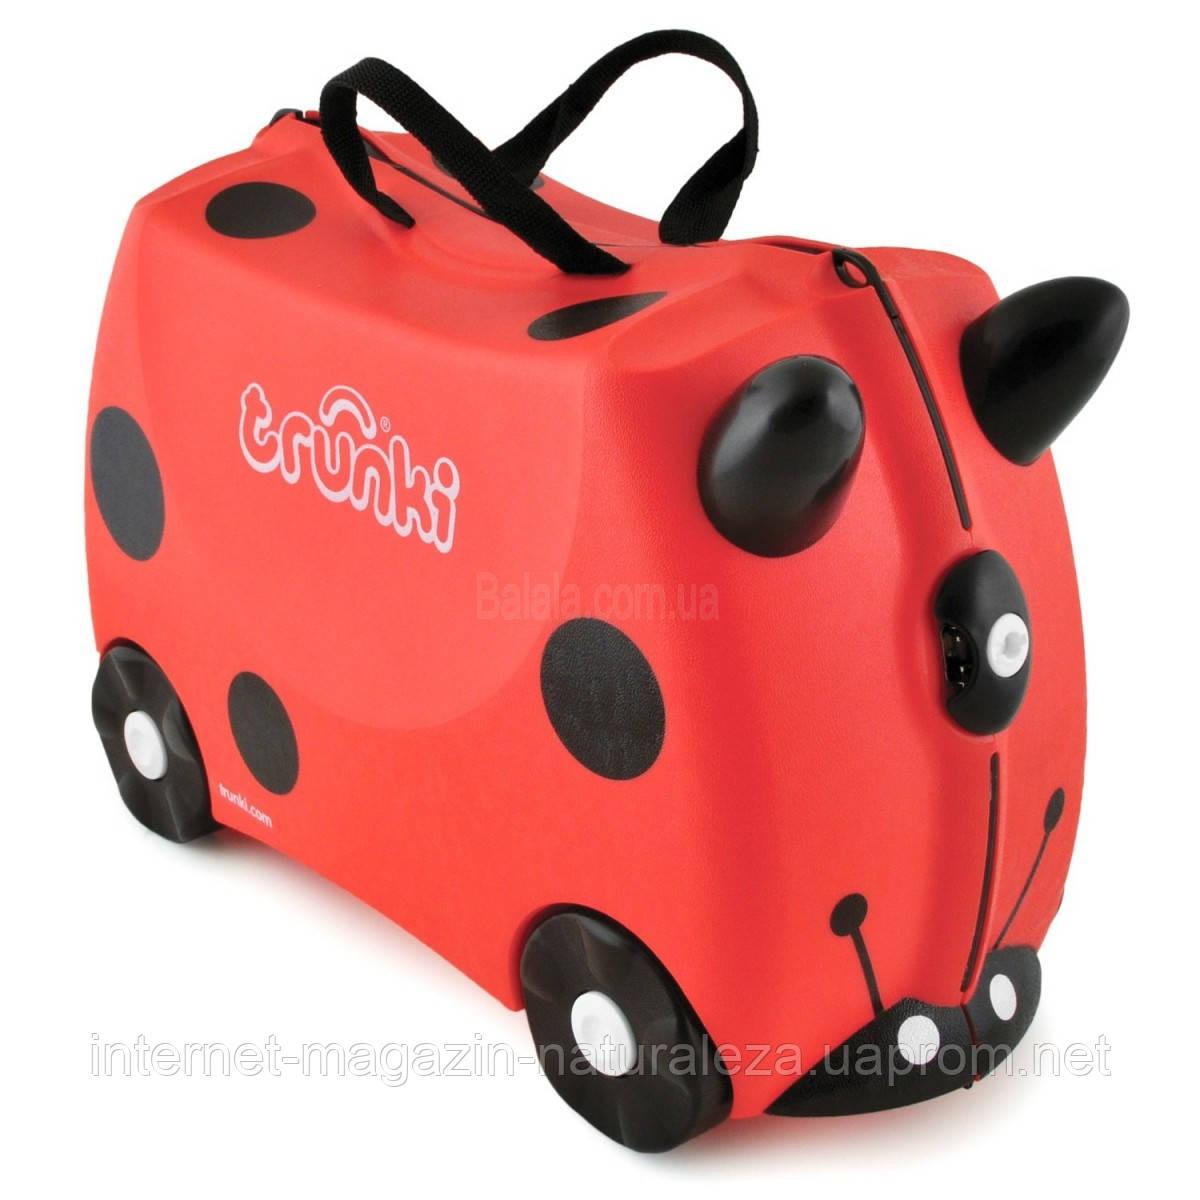 Детские чемоданы Trunki Harley Ladybug - Интернет-магазин La Flor -  качественные товары и игрушки 986be2518fc